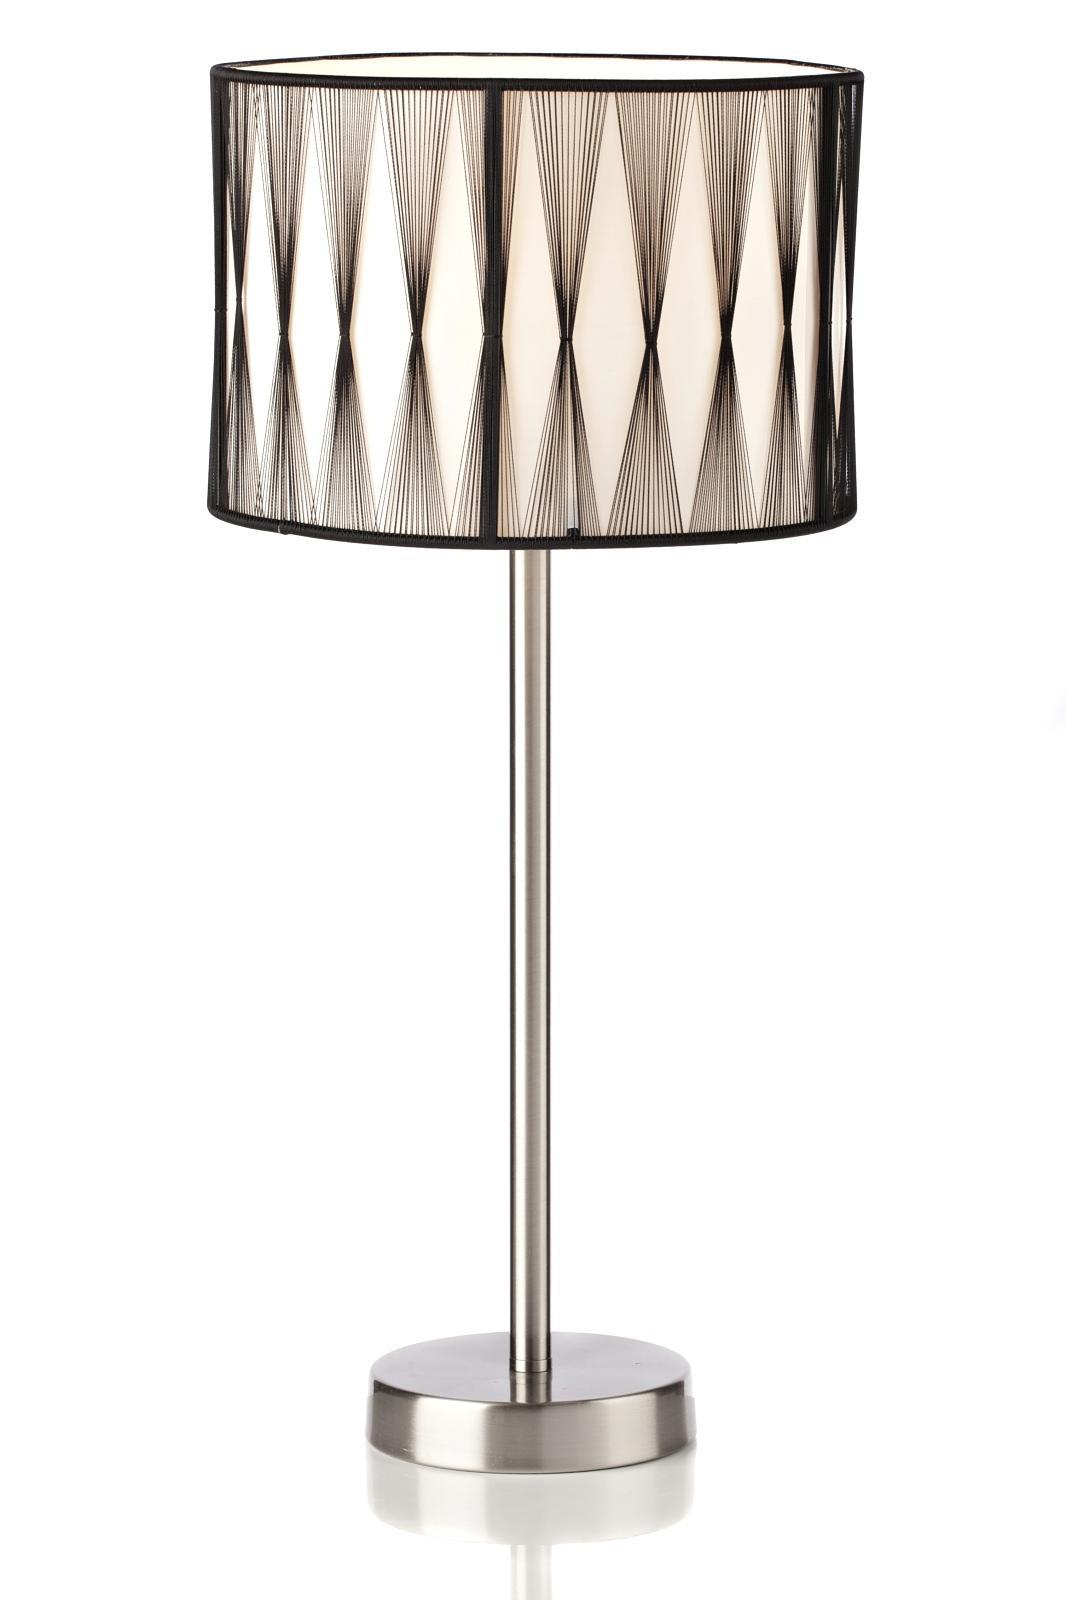 Купить Настольная лампа Ortana с абажуром из ткани, inmyroom, Китай